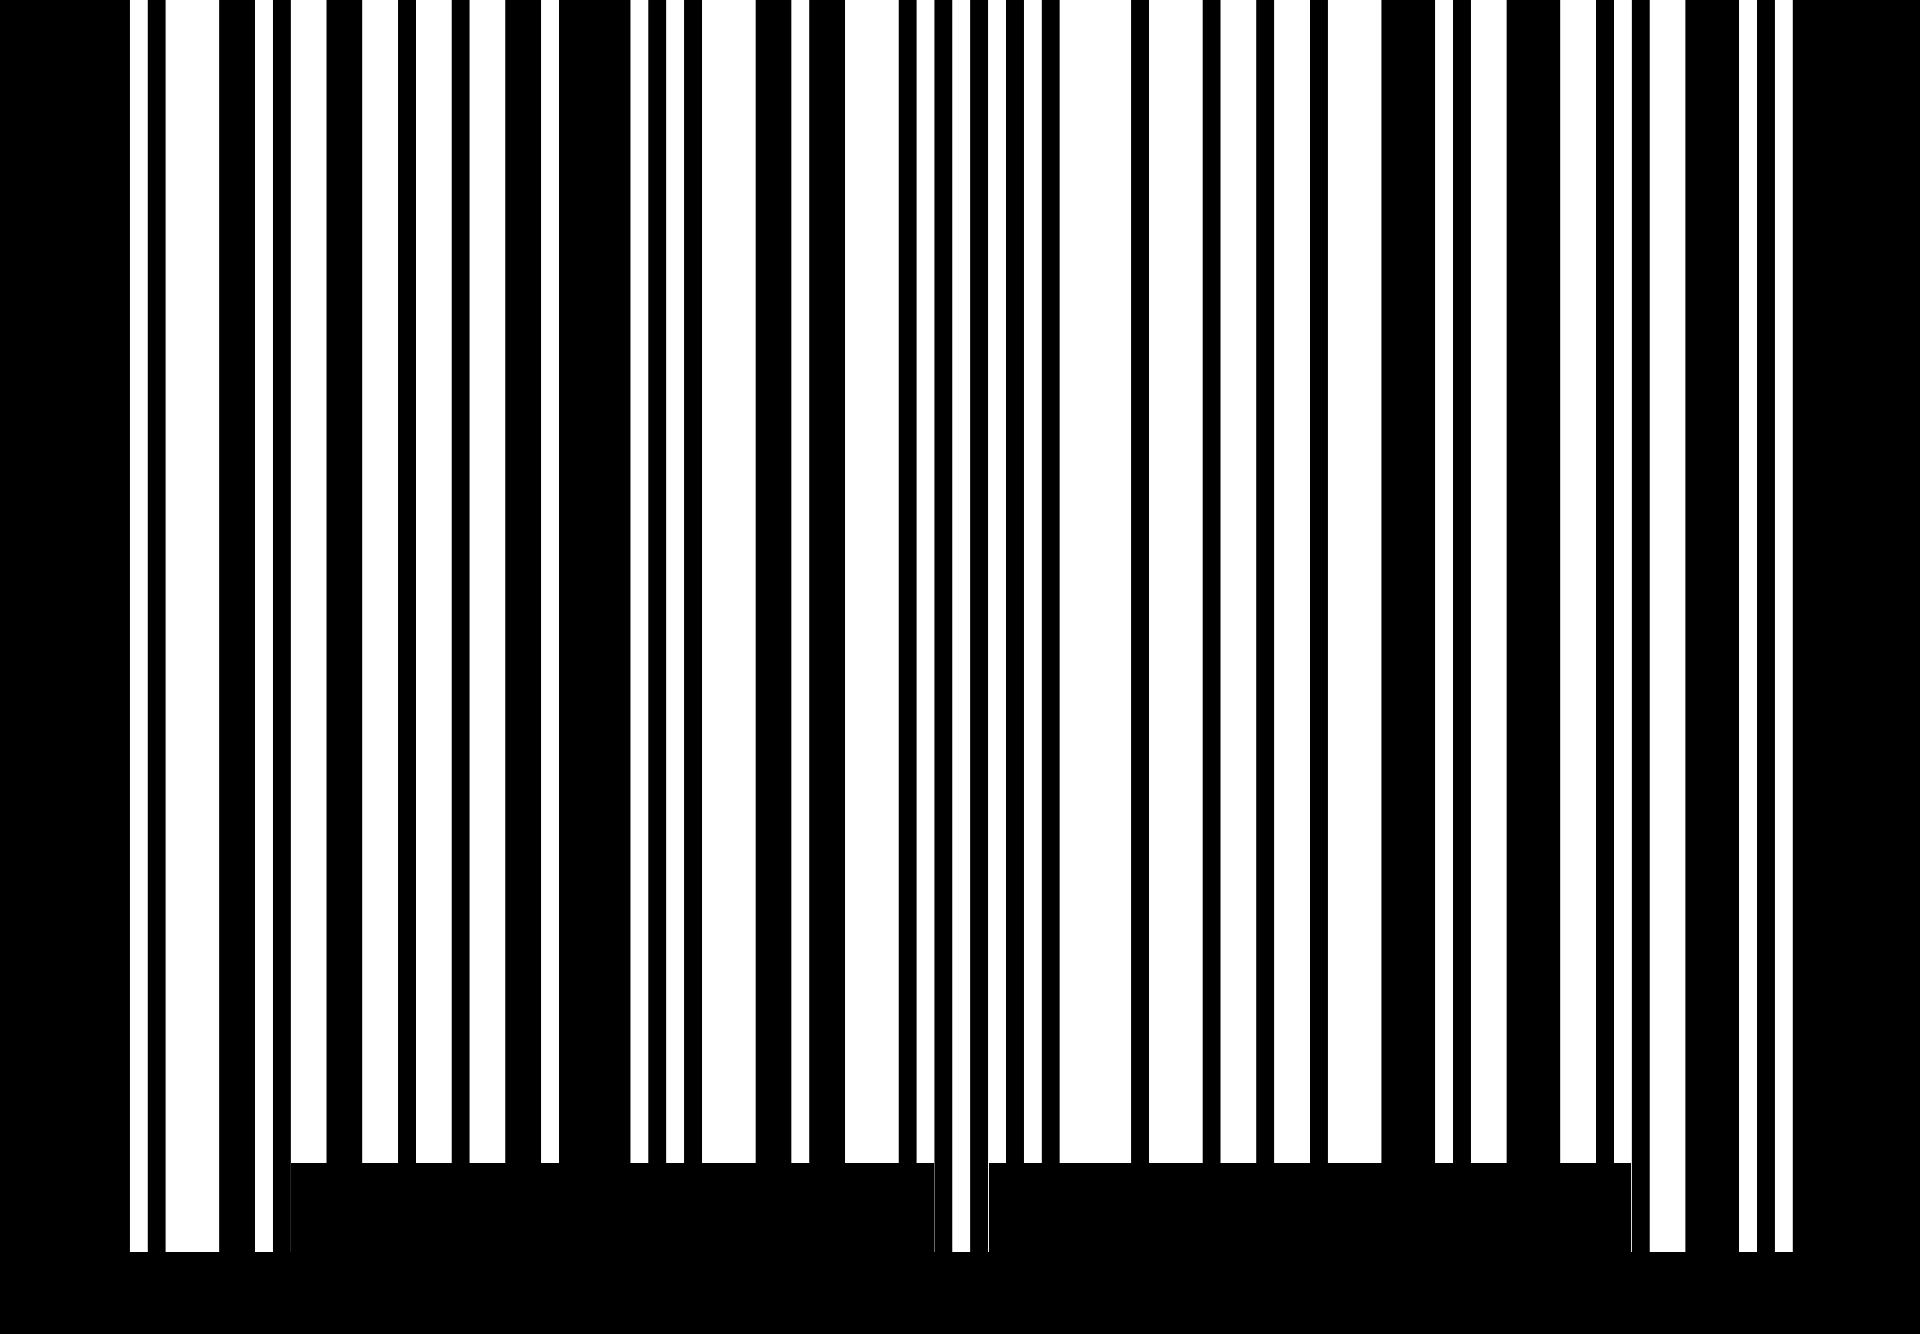 bar-code-24157